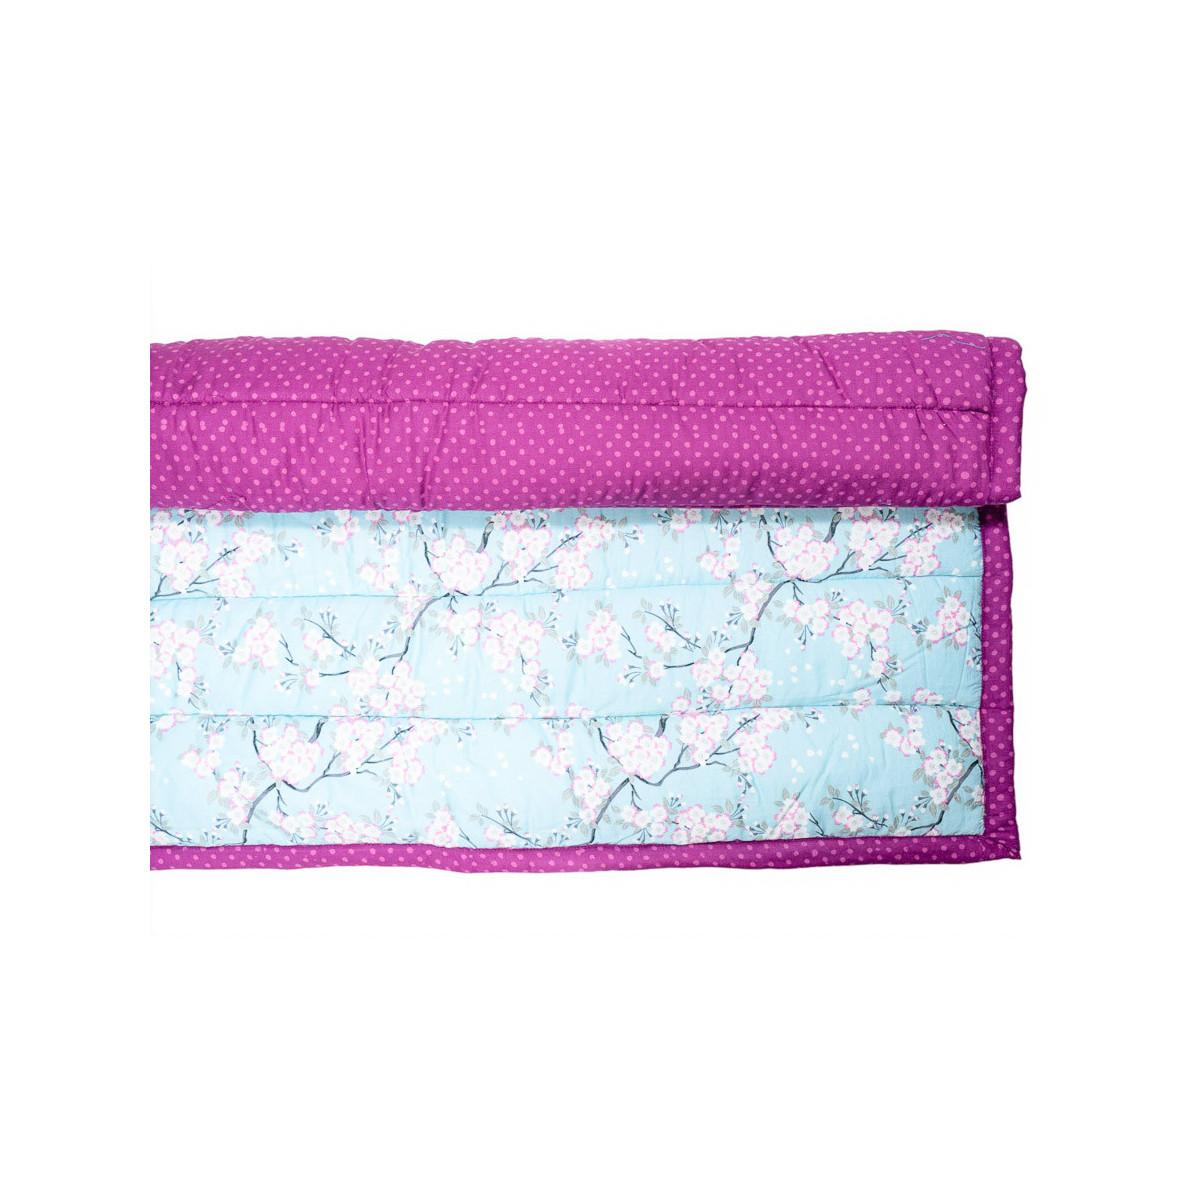 Tapis d'éveil, de jeux bébé coton bleu ciel et rose fushia